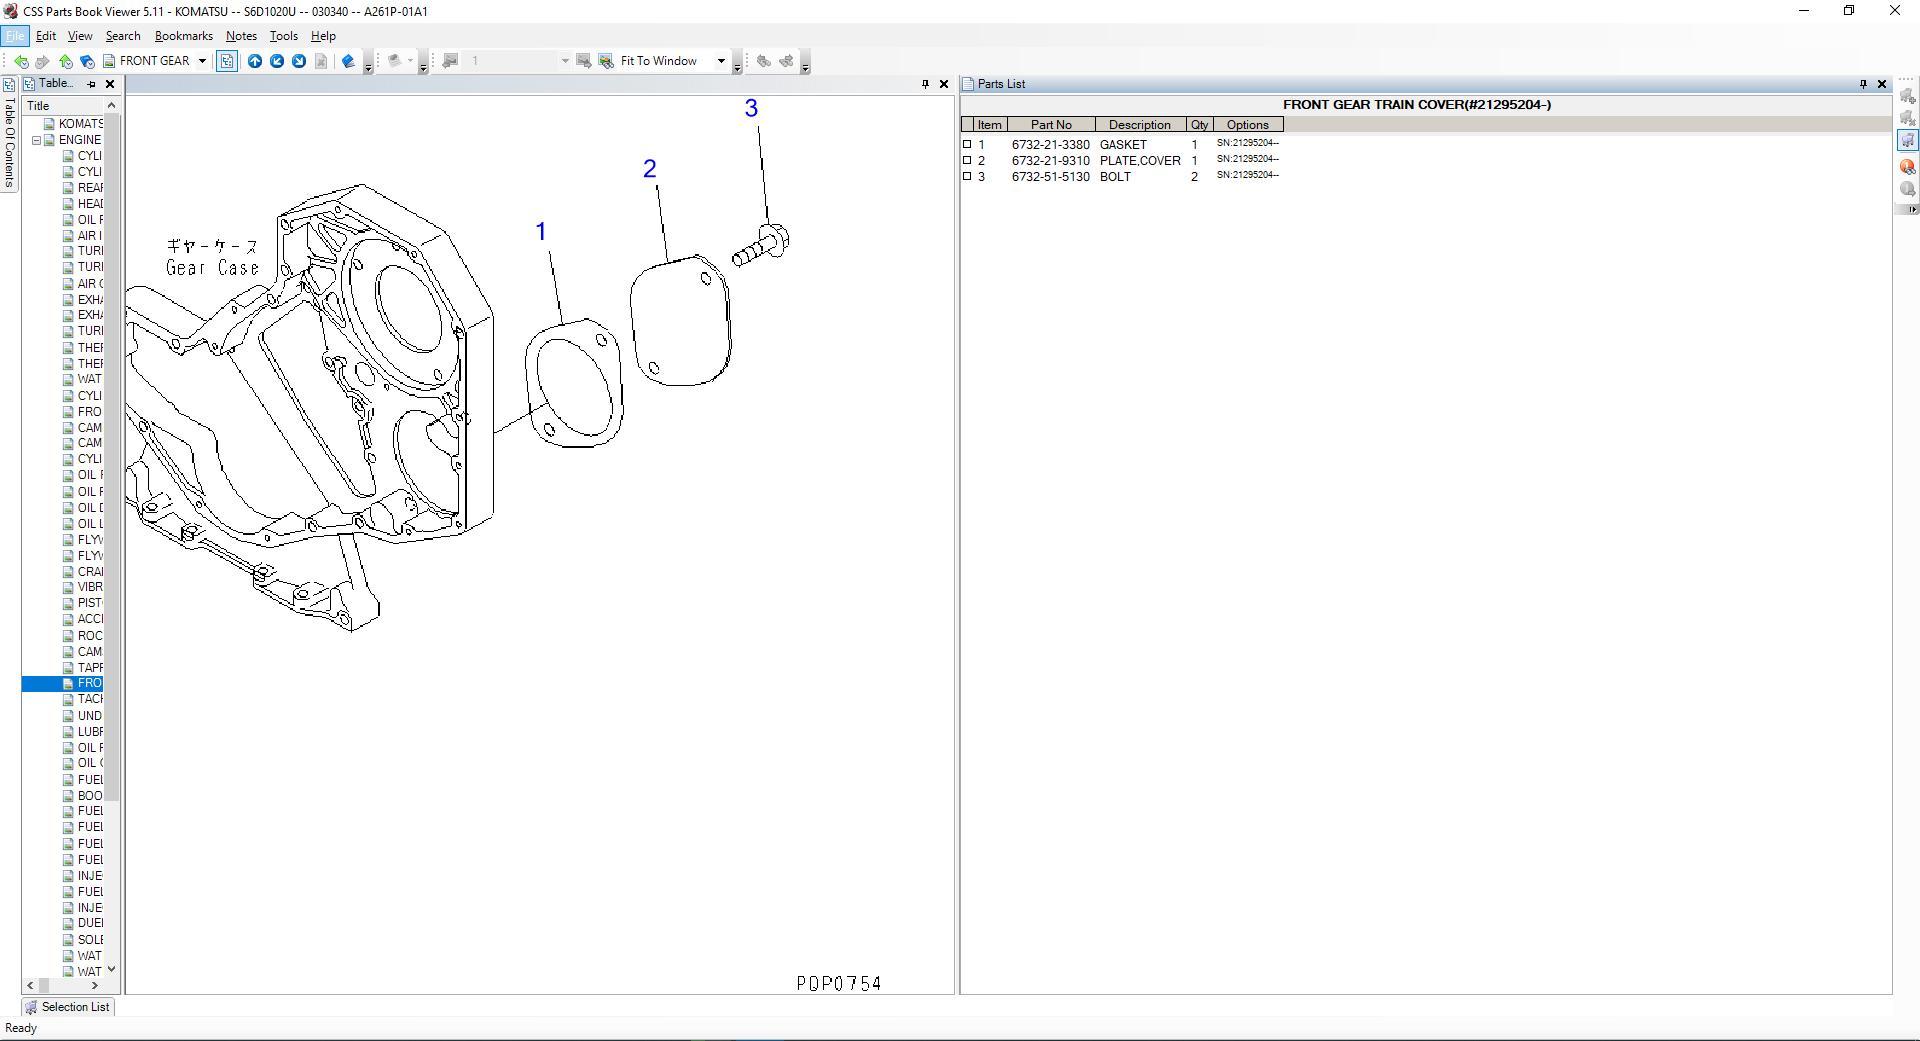 Komatsu_EPC_Linkone_CSS_Parts_Vewer_511_102019EU3